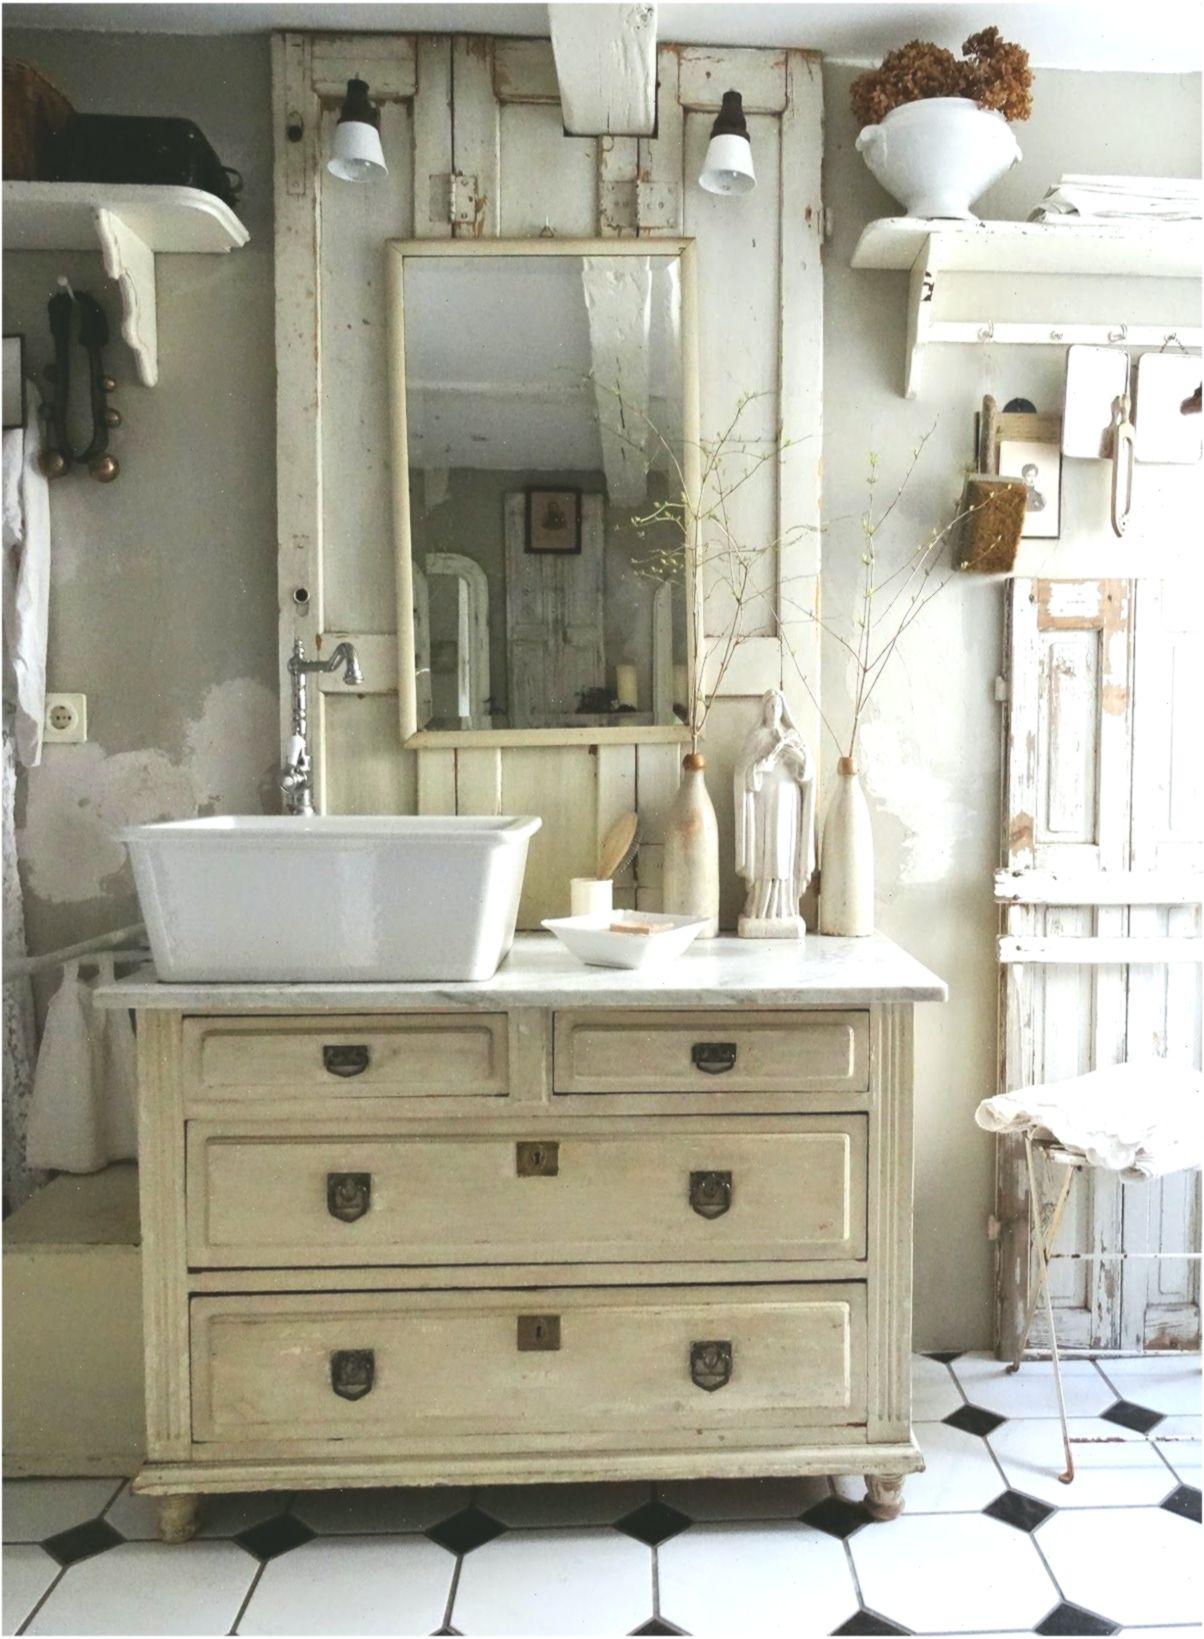 Vintage Badezimmer Schrank Mit Integriertem Waschbecken